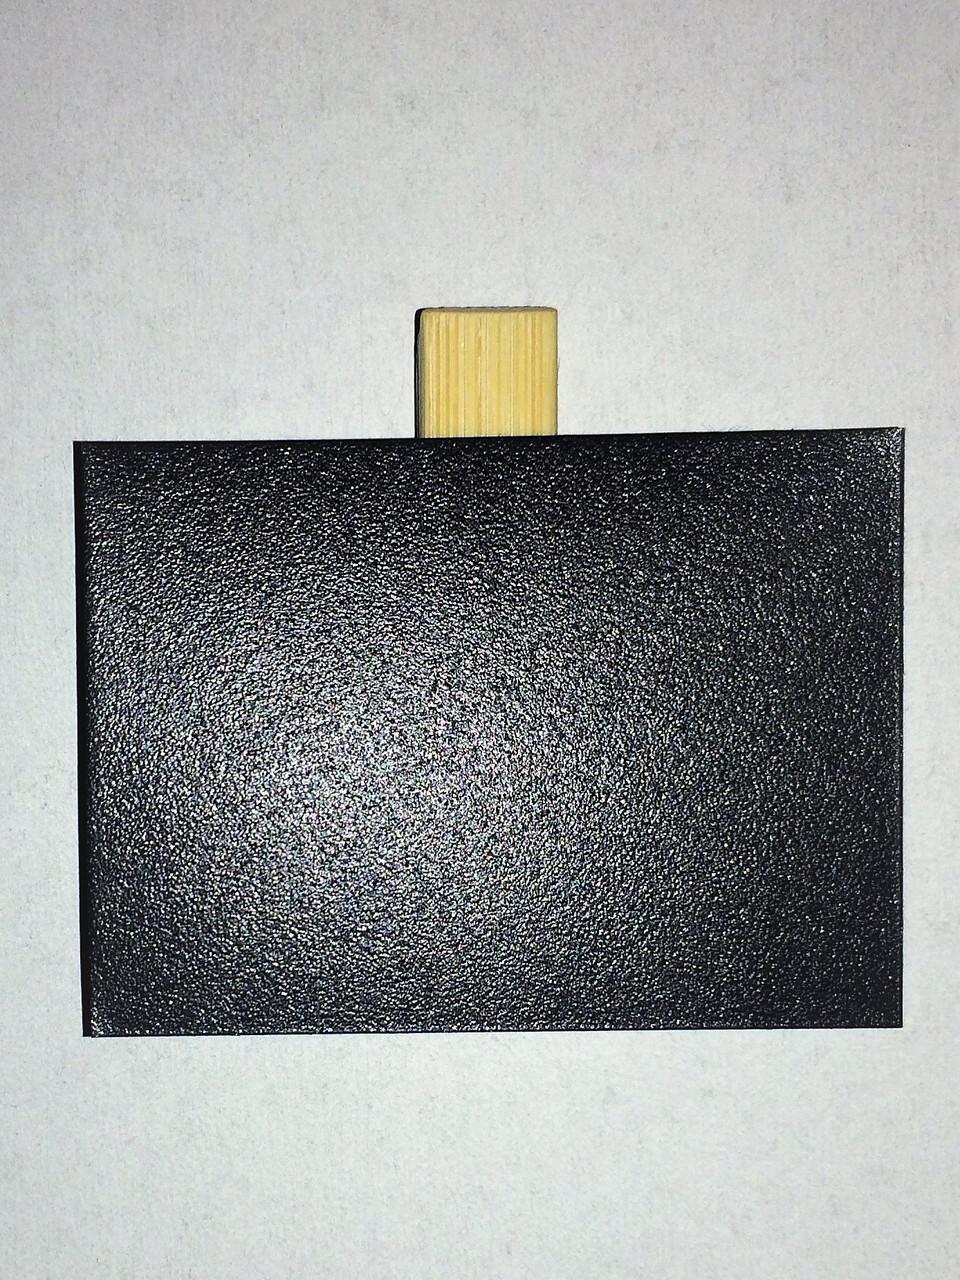 Ценник меловой 10х15 см на прищепке для мела и маркера. Грифельный. Крейдовий цінник